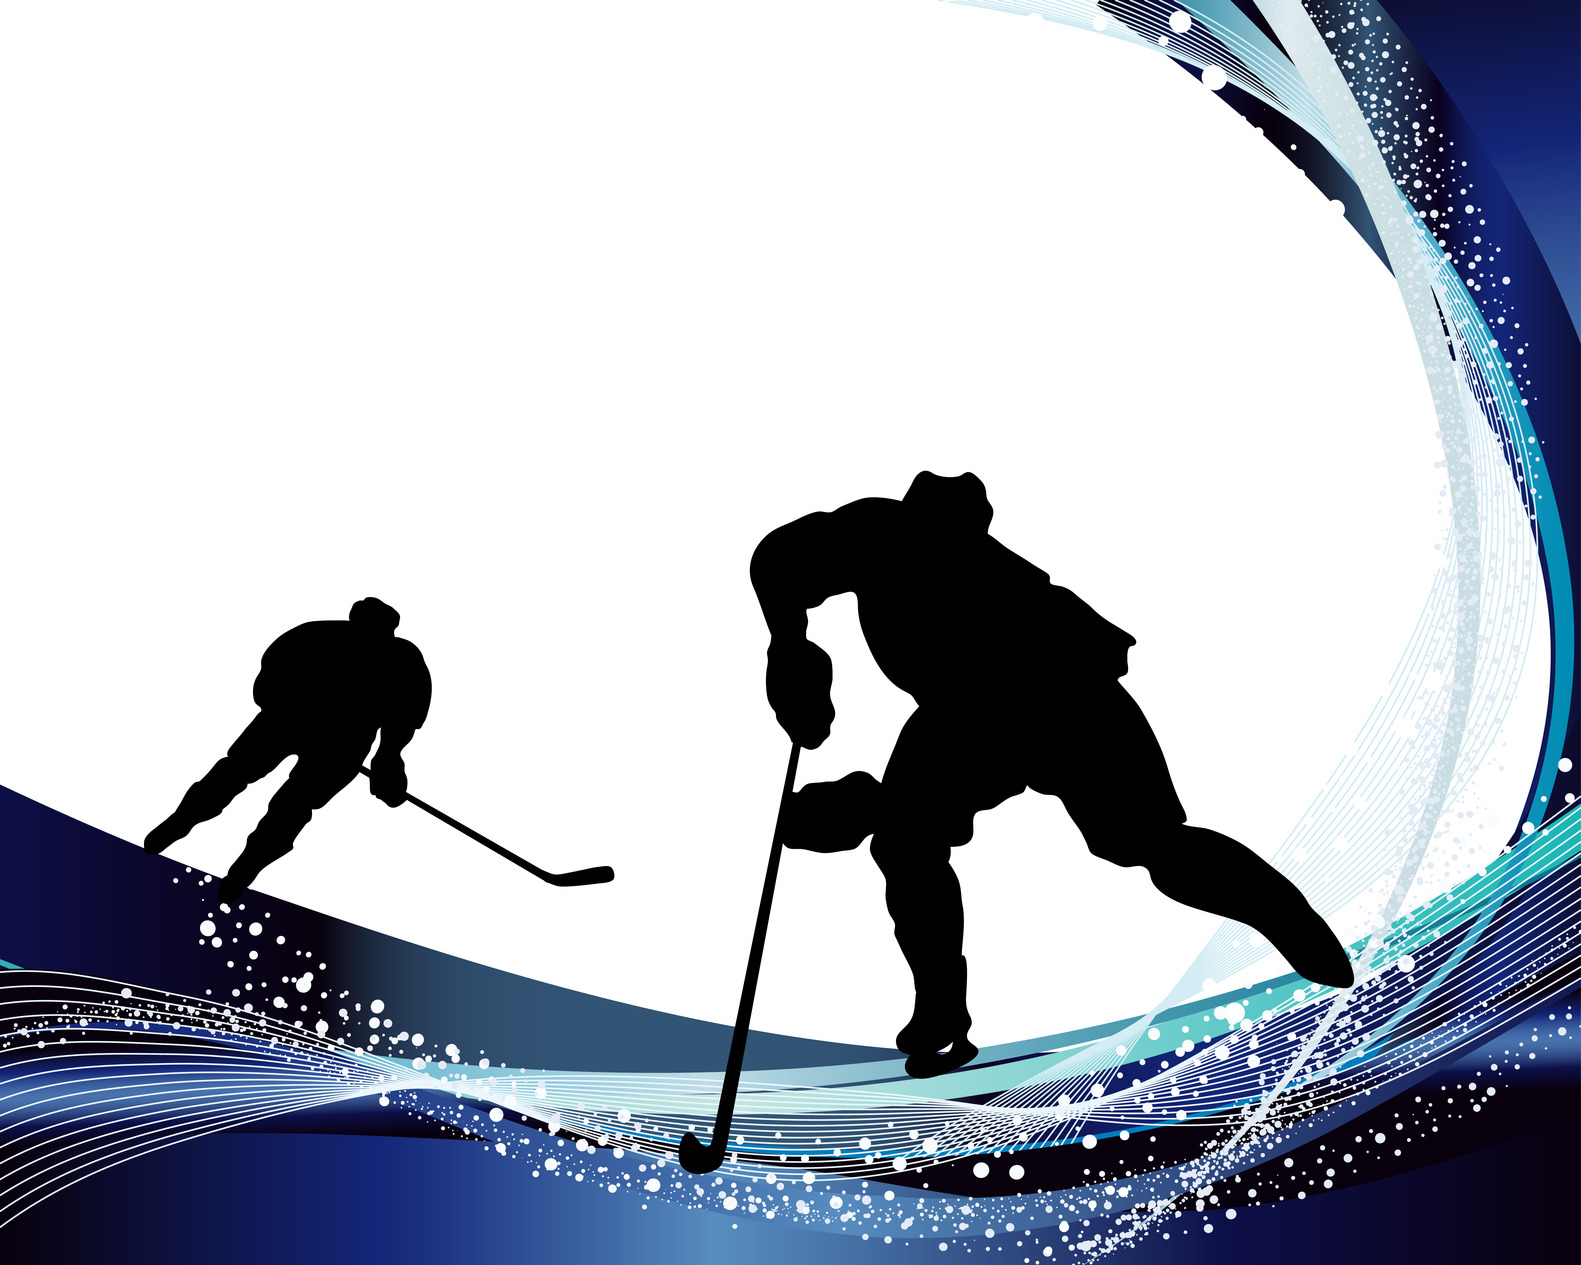 Фоны для создания открыток хоккей, добрым утром